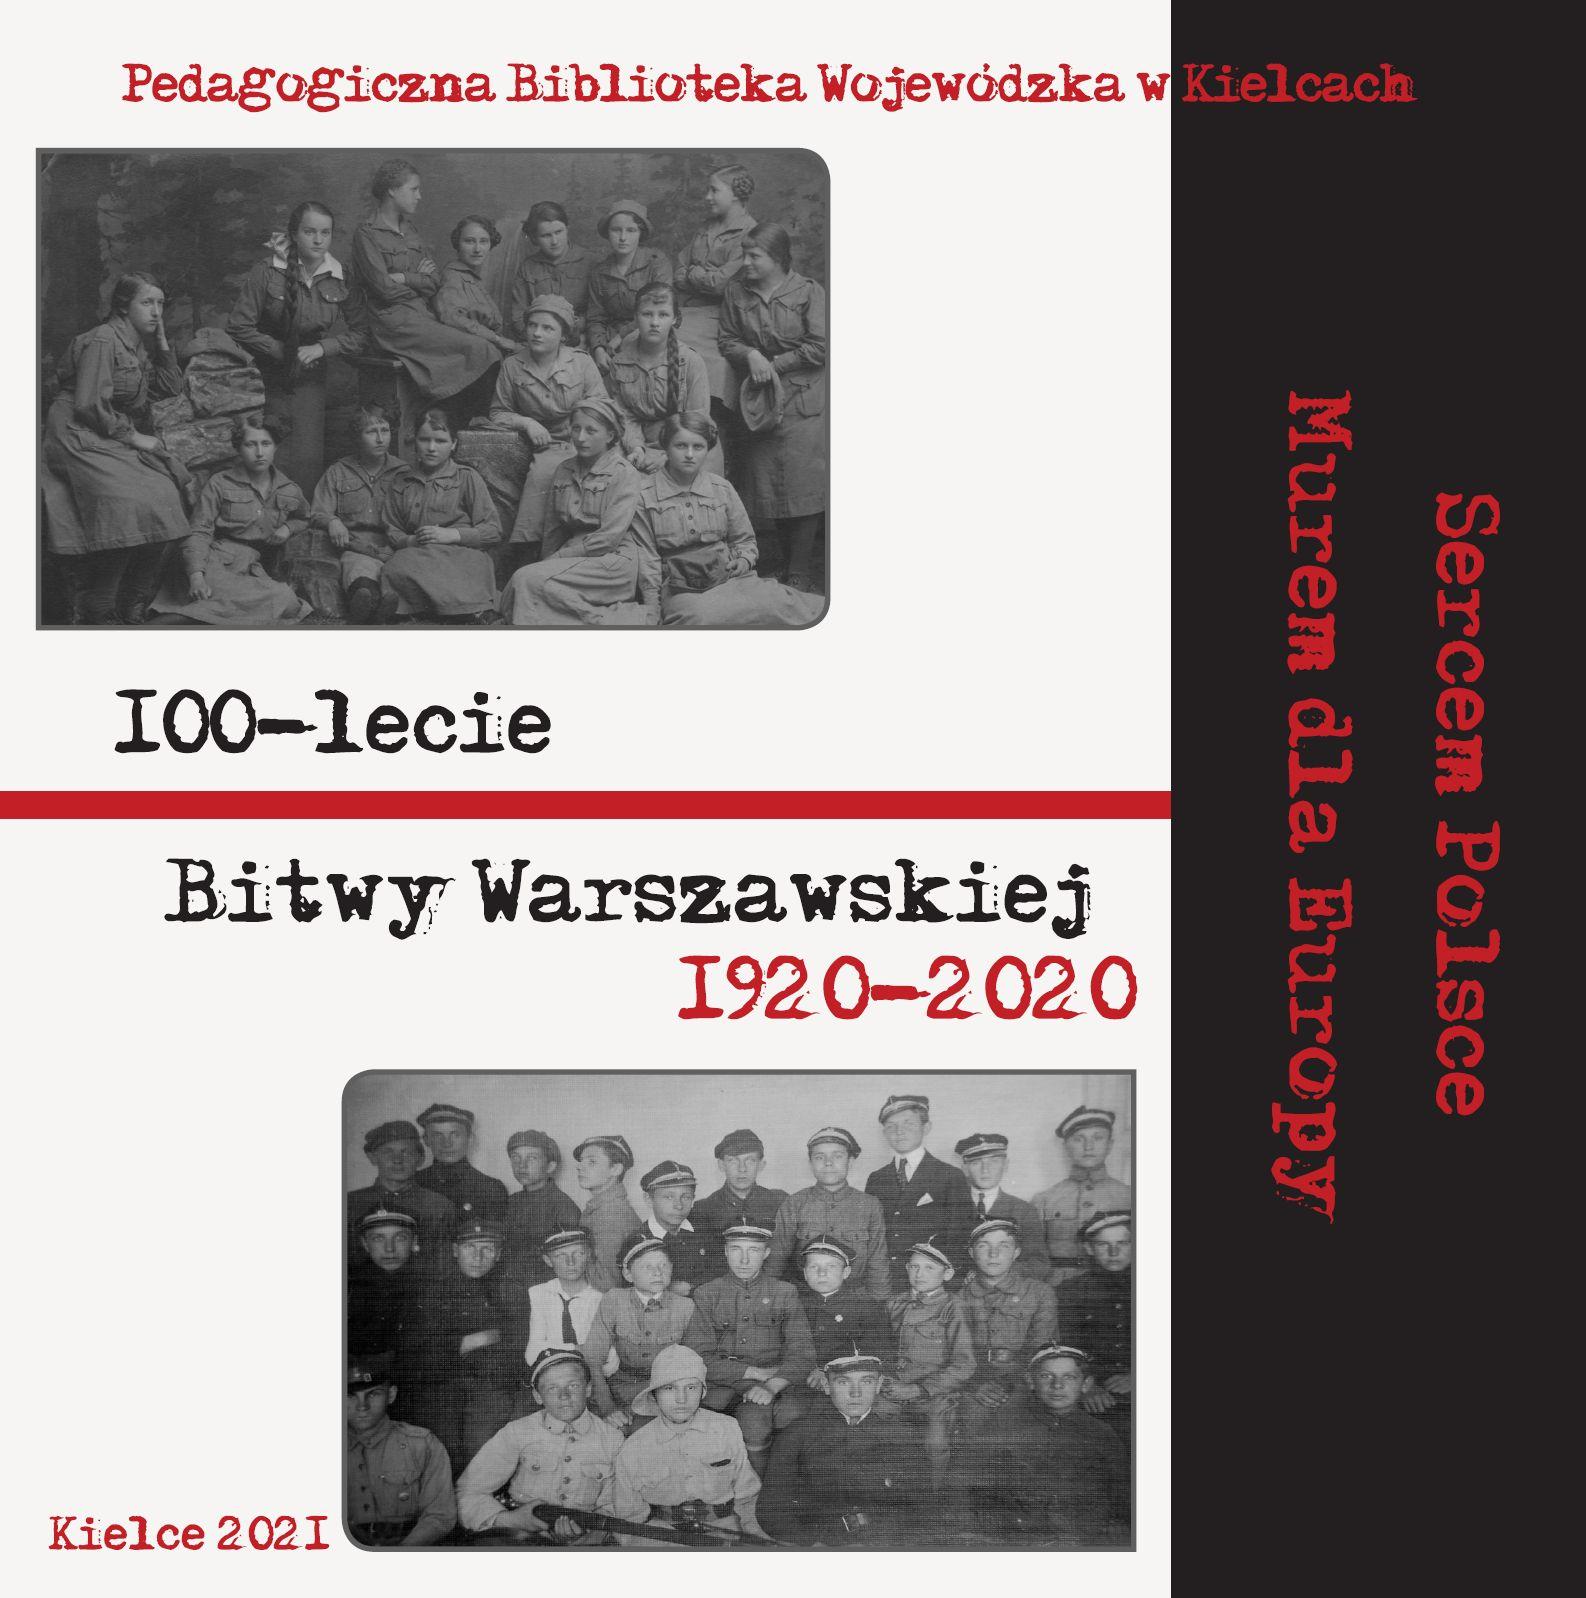 """Nowa publikacja wydawnictwa PBW w Kielcach – """"100-lecie Bitwy Warszawskiej  1920-2020"""""""